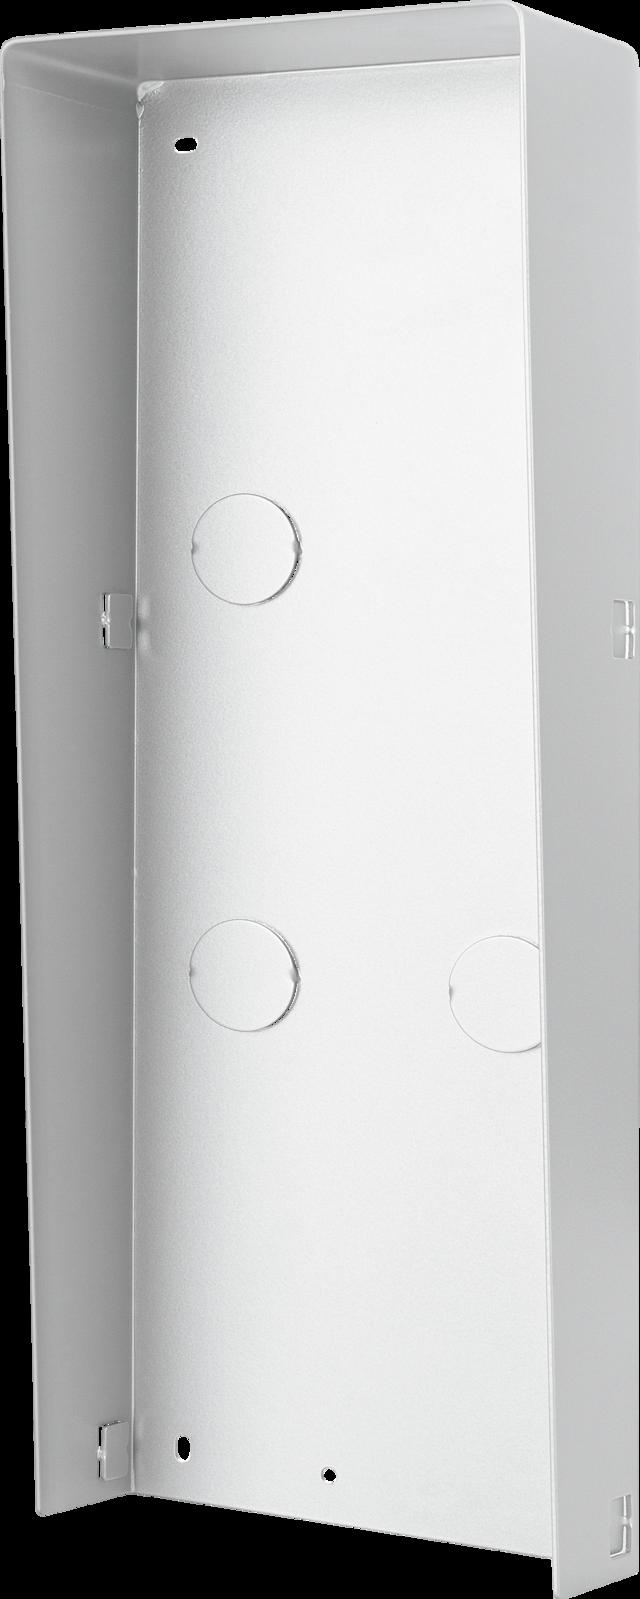 Außengehäuse für Rahmen Aufputzmontage (3 Module)